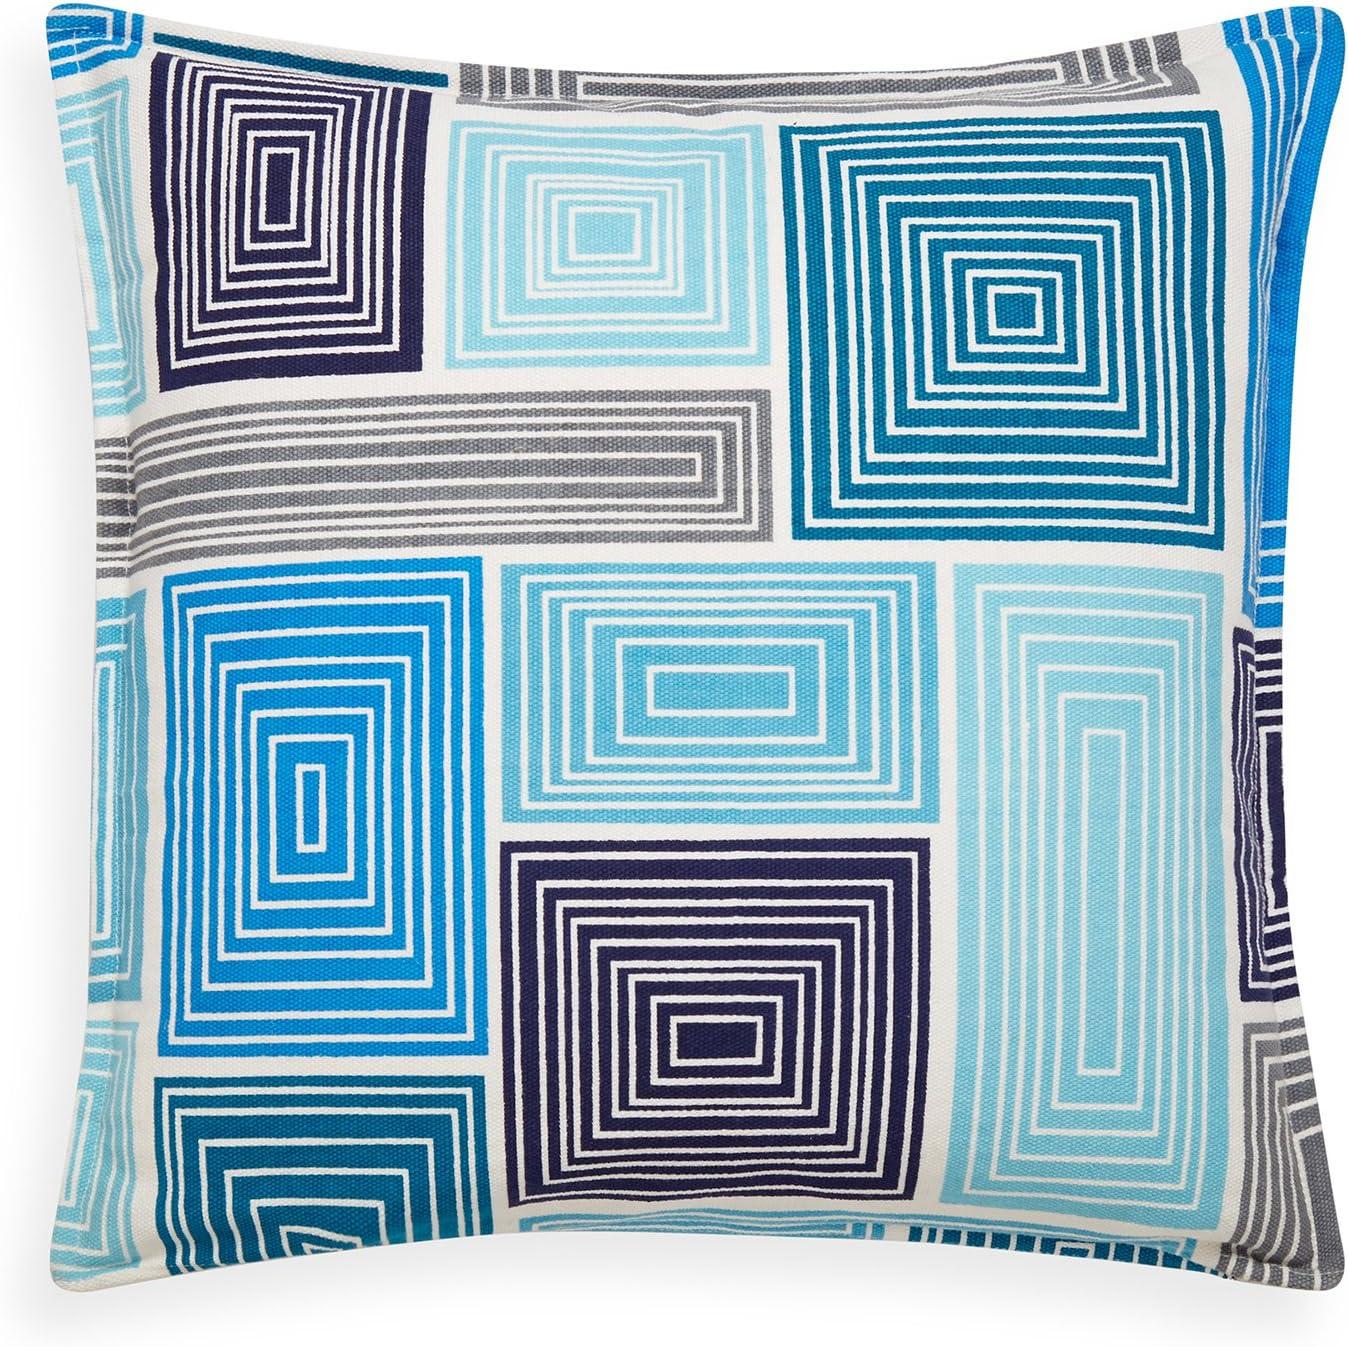 Jonathan Adler Bobo Pillow – Blocks, Multi